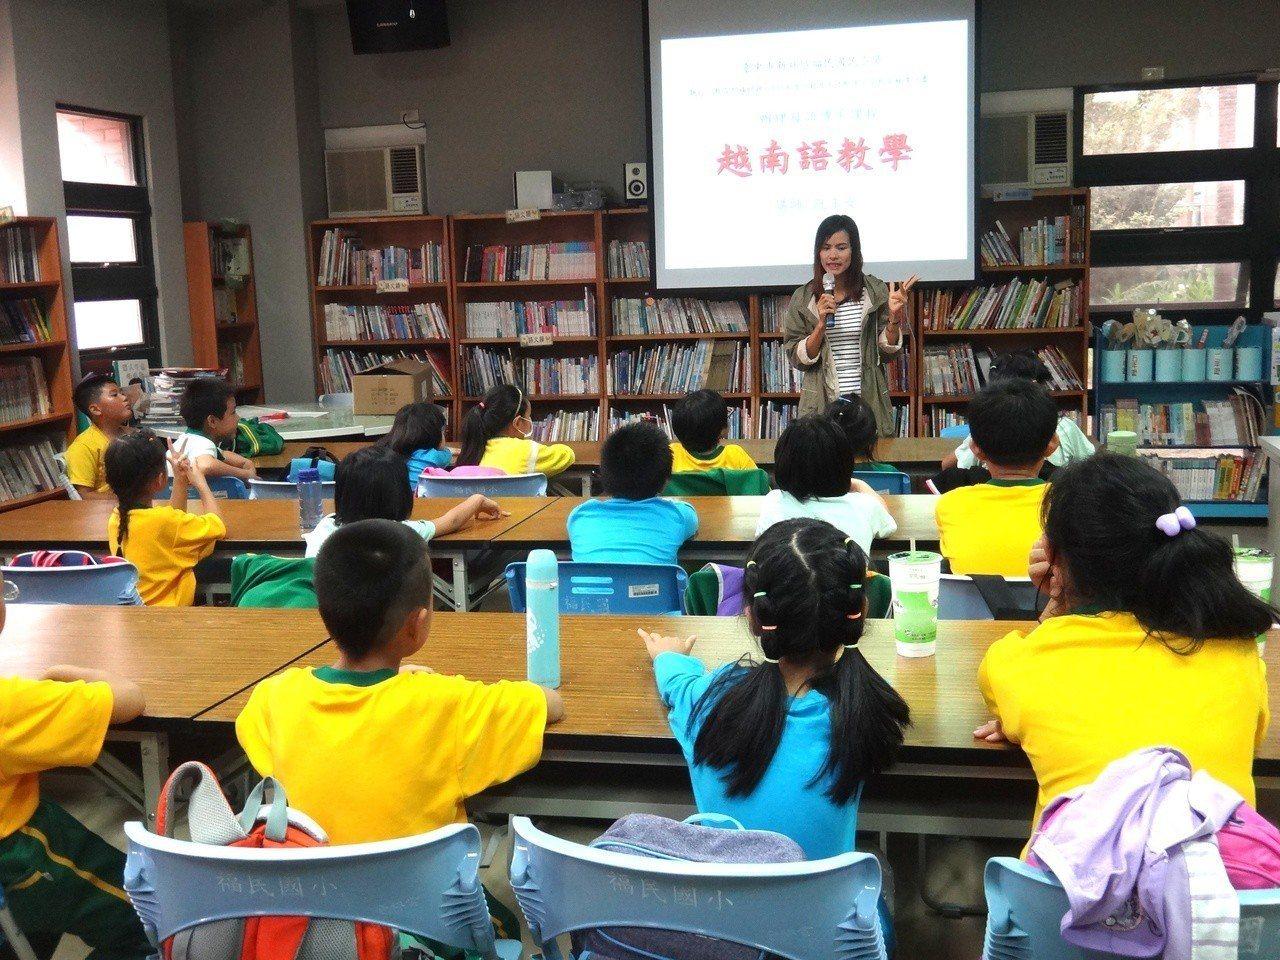 明年8月7種東南亞新住民語文,將列小學生必選科目,部分學校已試辦教學,師資不足是...